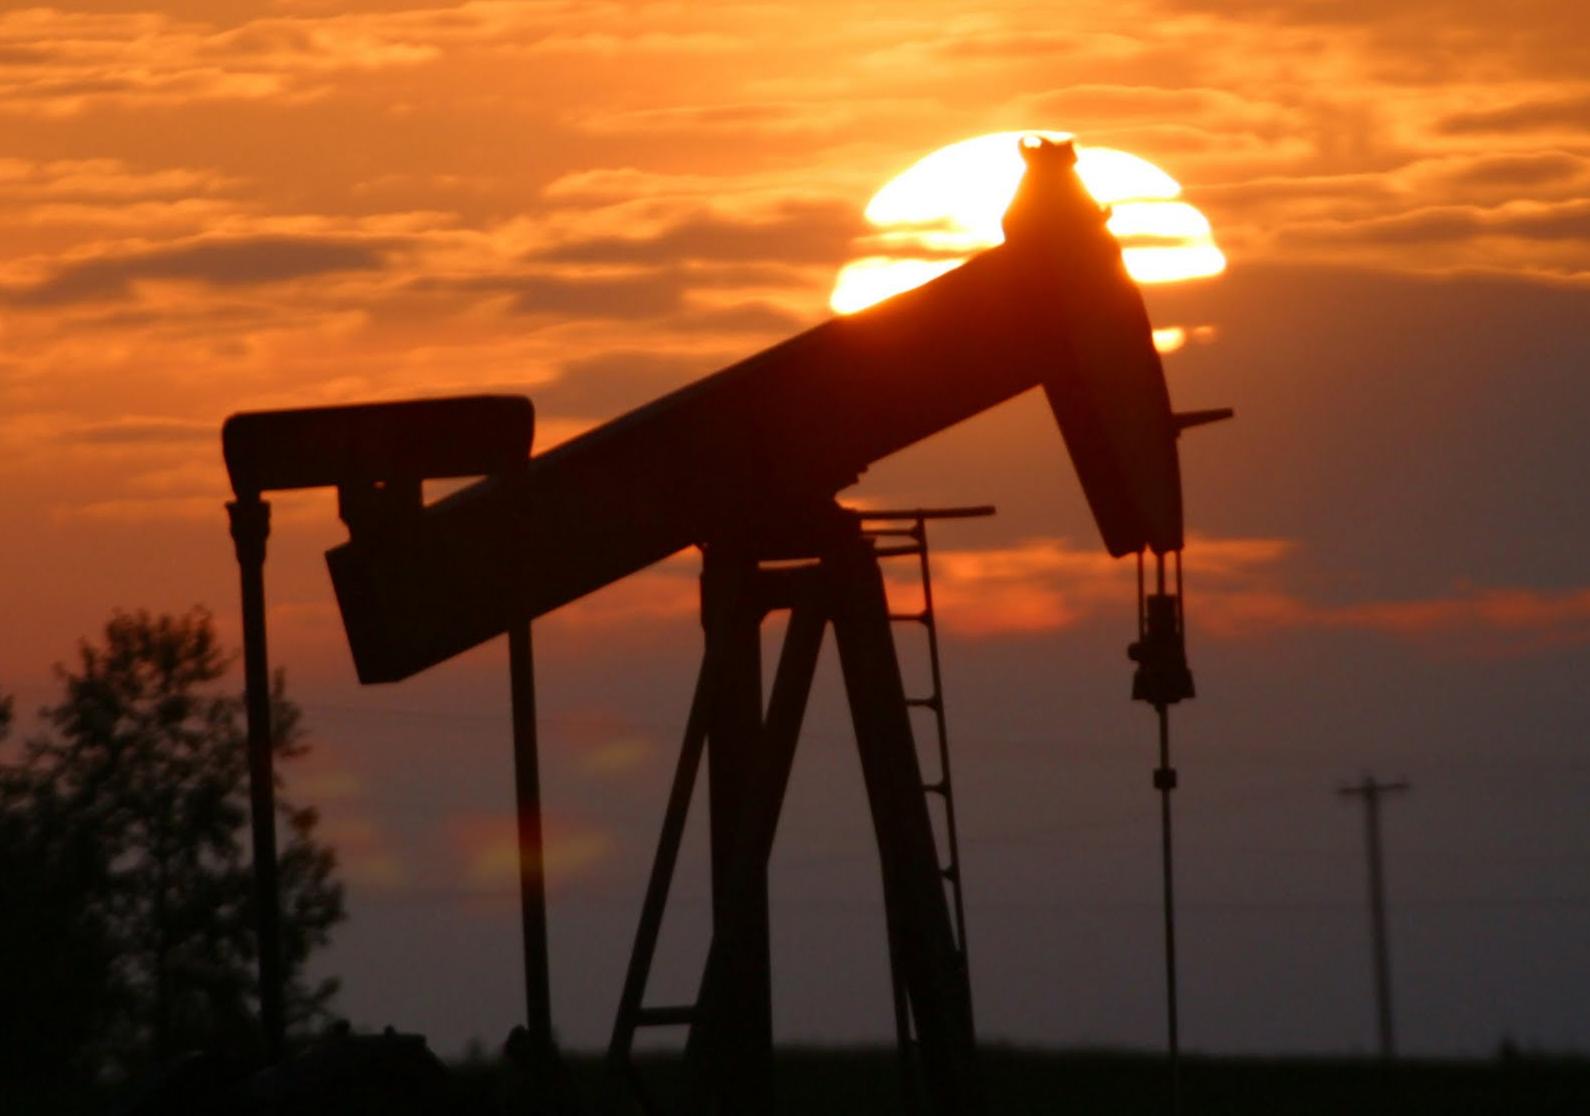 أداء متباين لأسعار النفط وسط تصاعد الاضطرابات الجيوسياسية